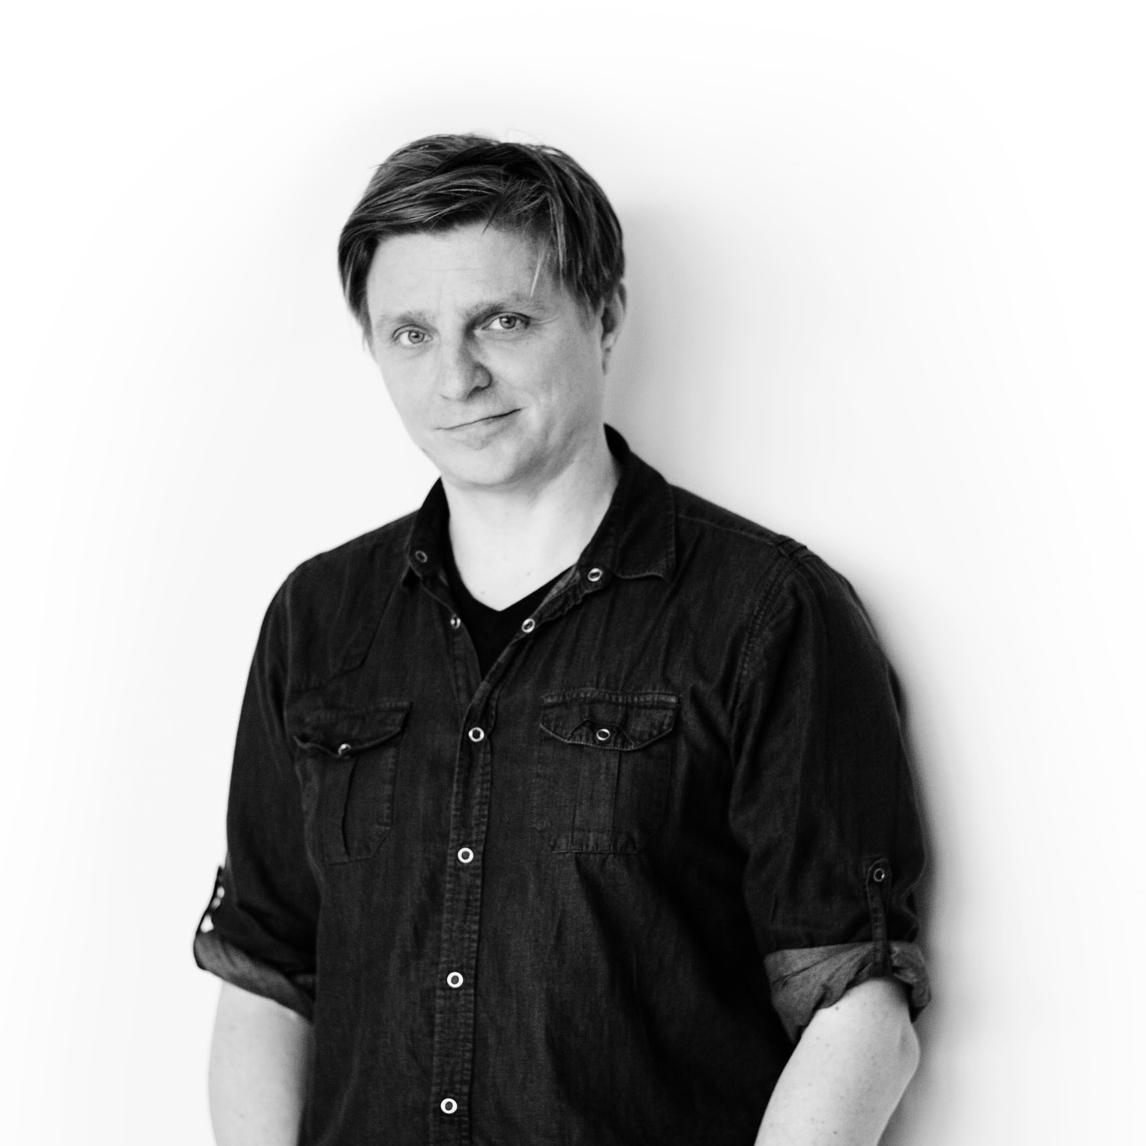 Justus Järnefelt